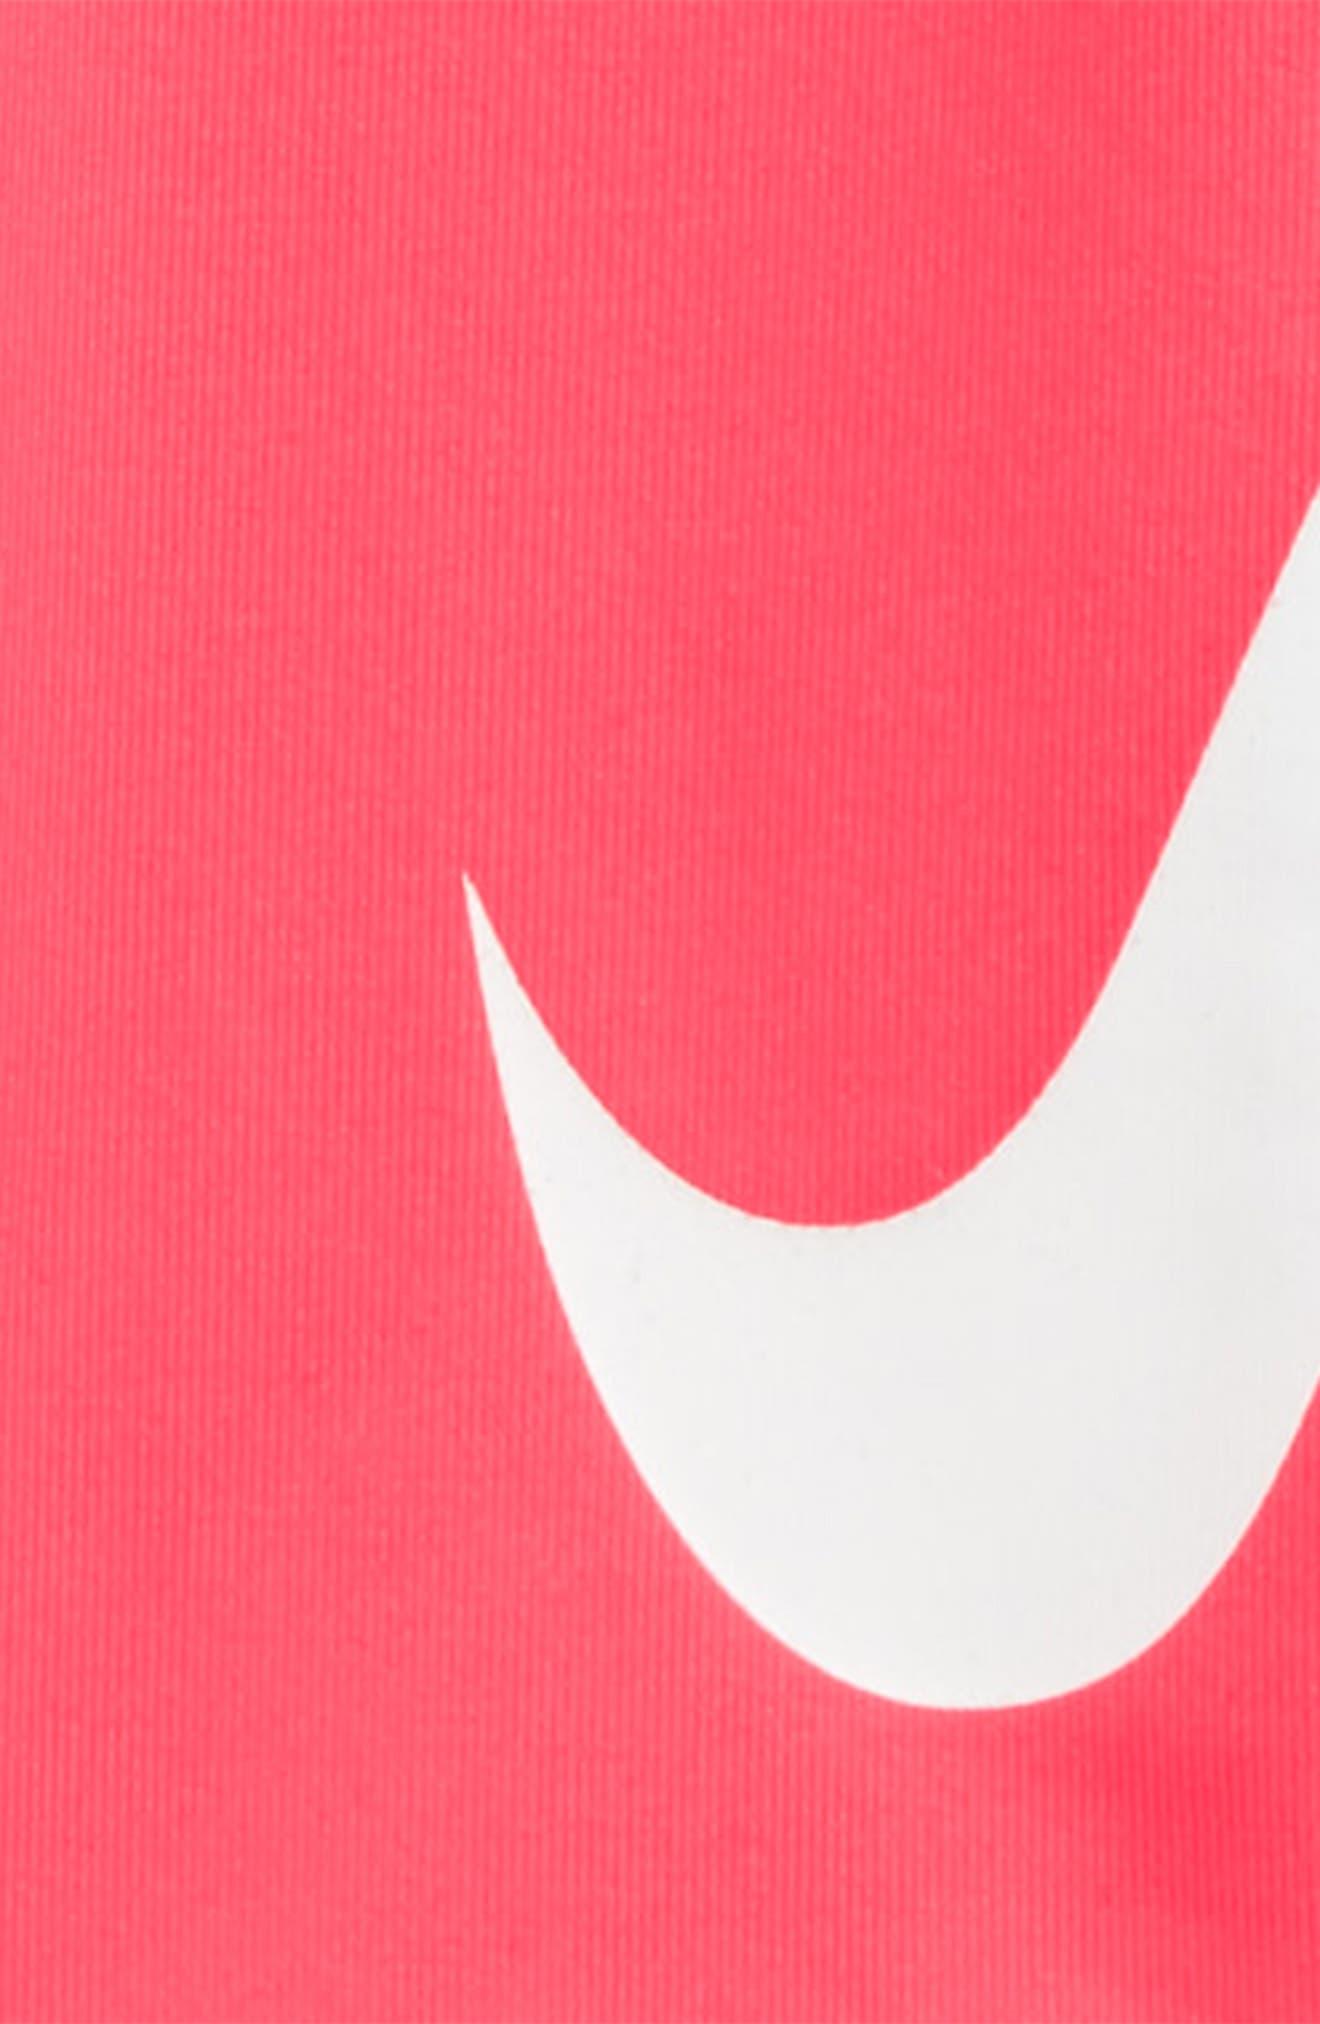 Alternate Image 2  - Nike Graphic Dri-FIT Leggings (Toddler Girls & Little Girls)